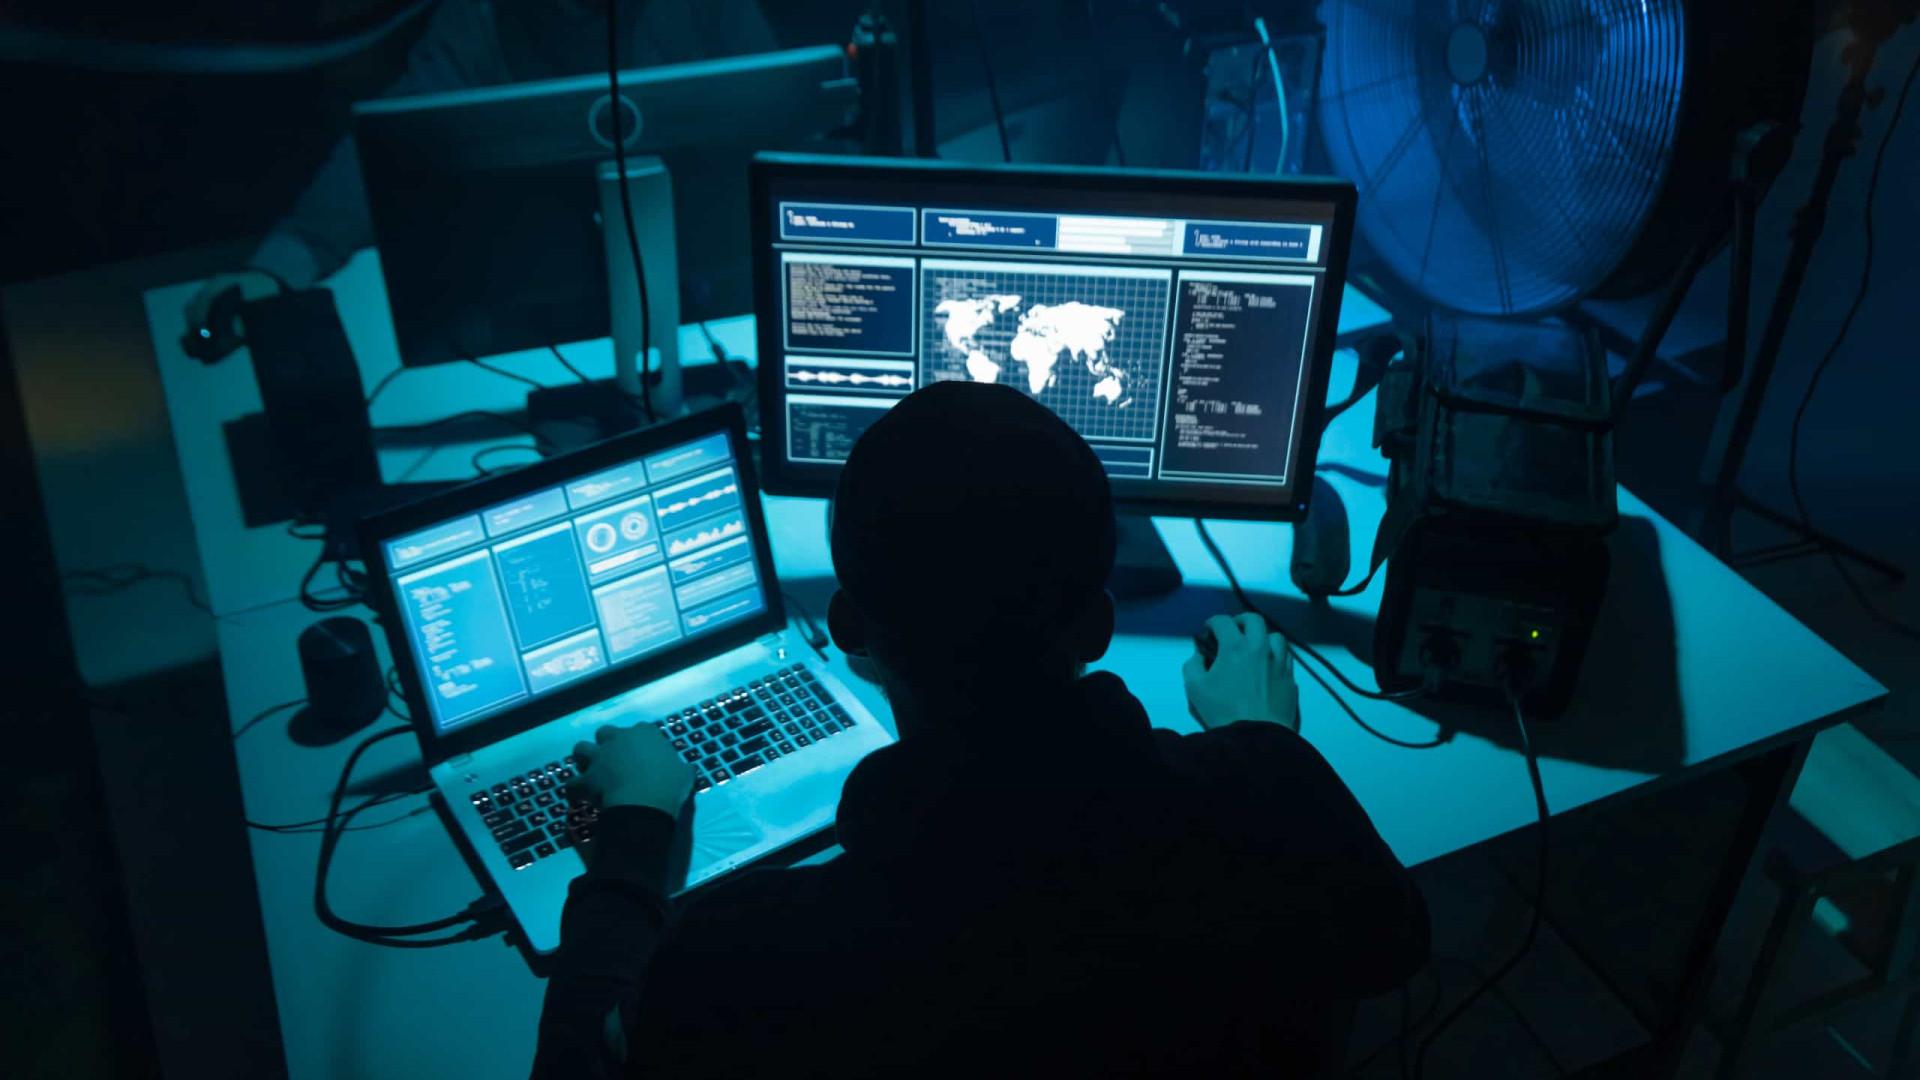 Ameaças de golpes virtuais avançaram 400%, aponta estudo